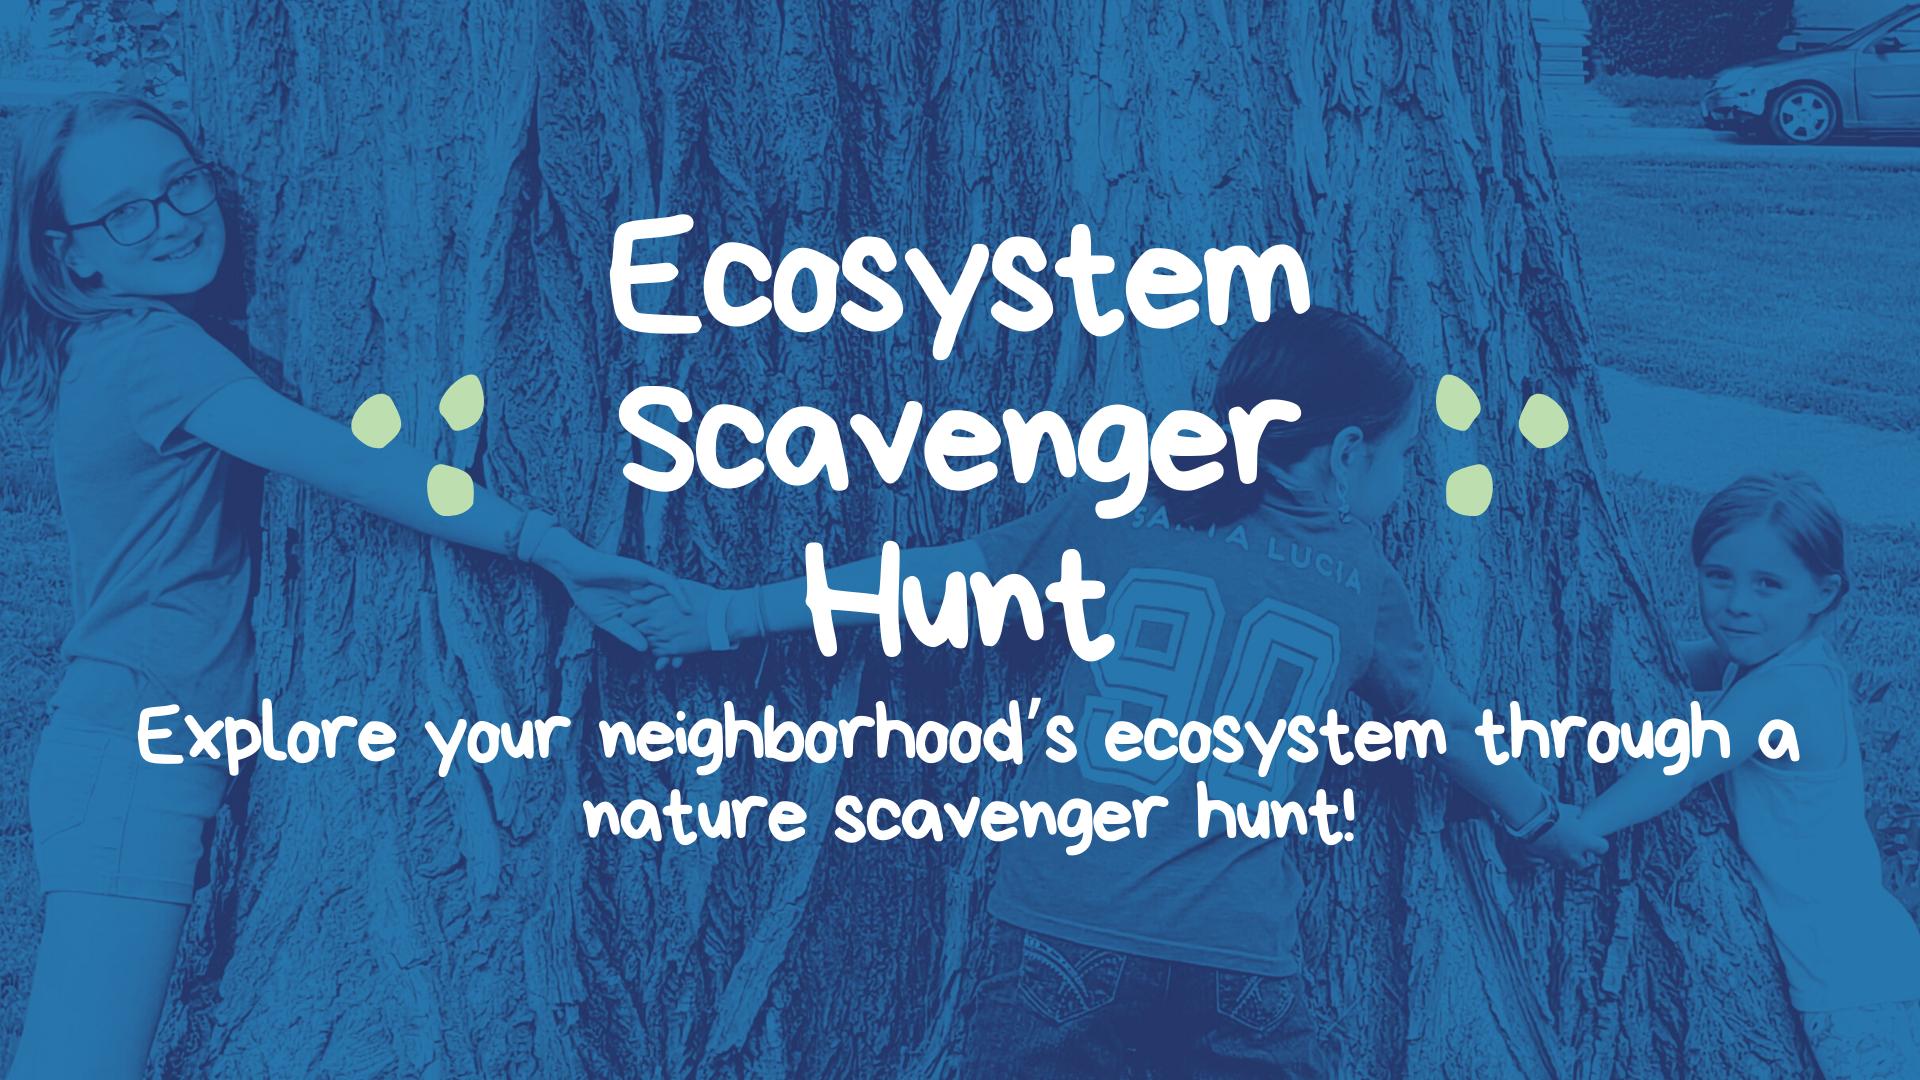 Ecosystem Scavenger Hunt